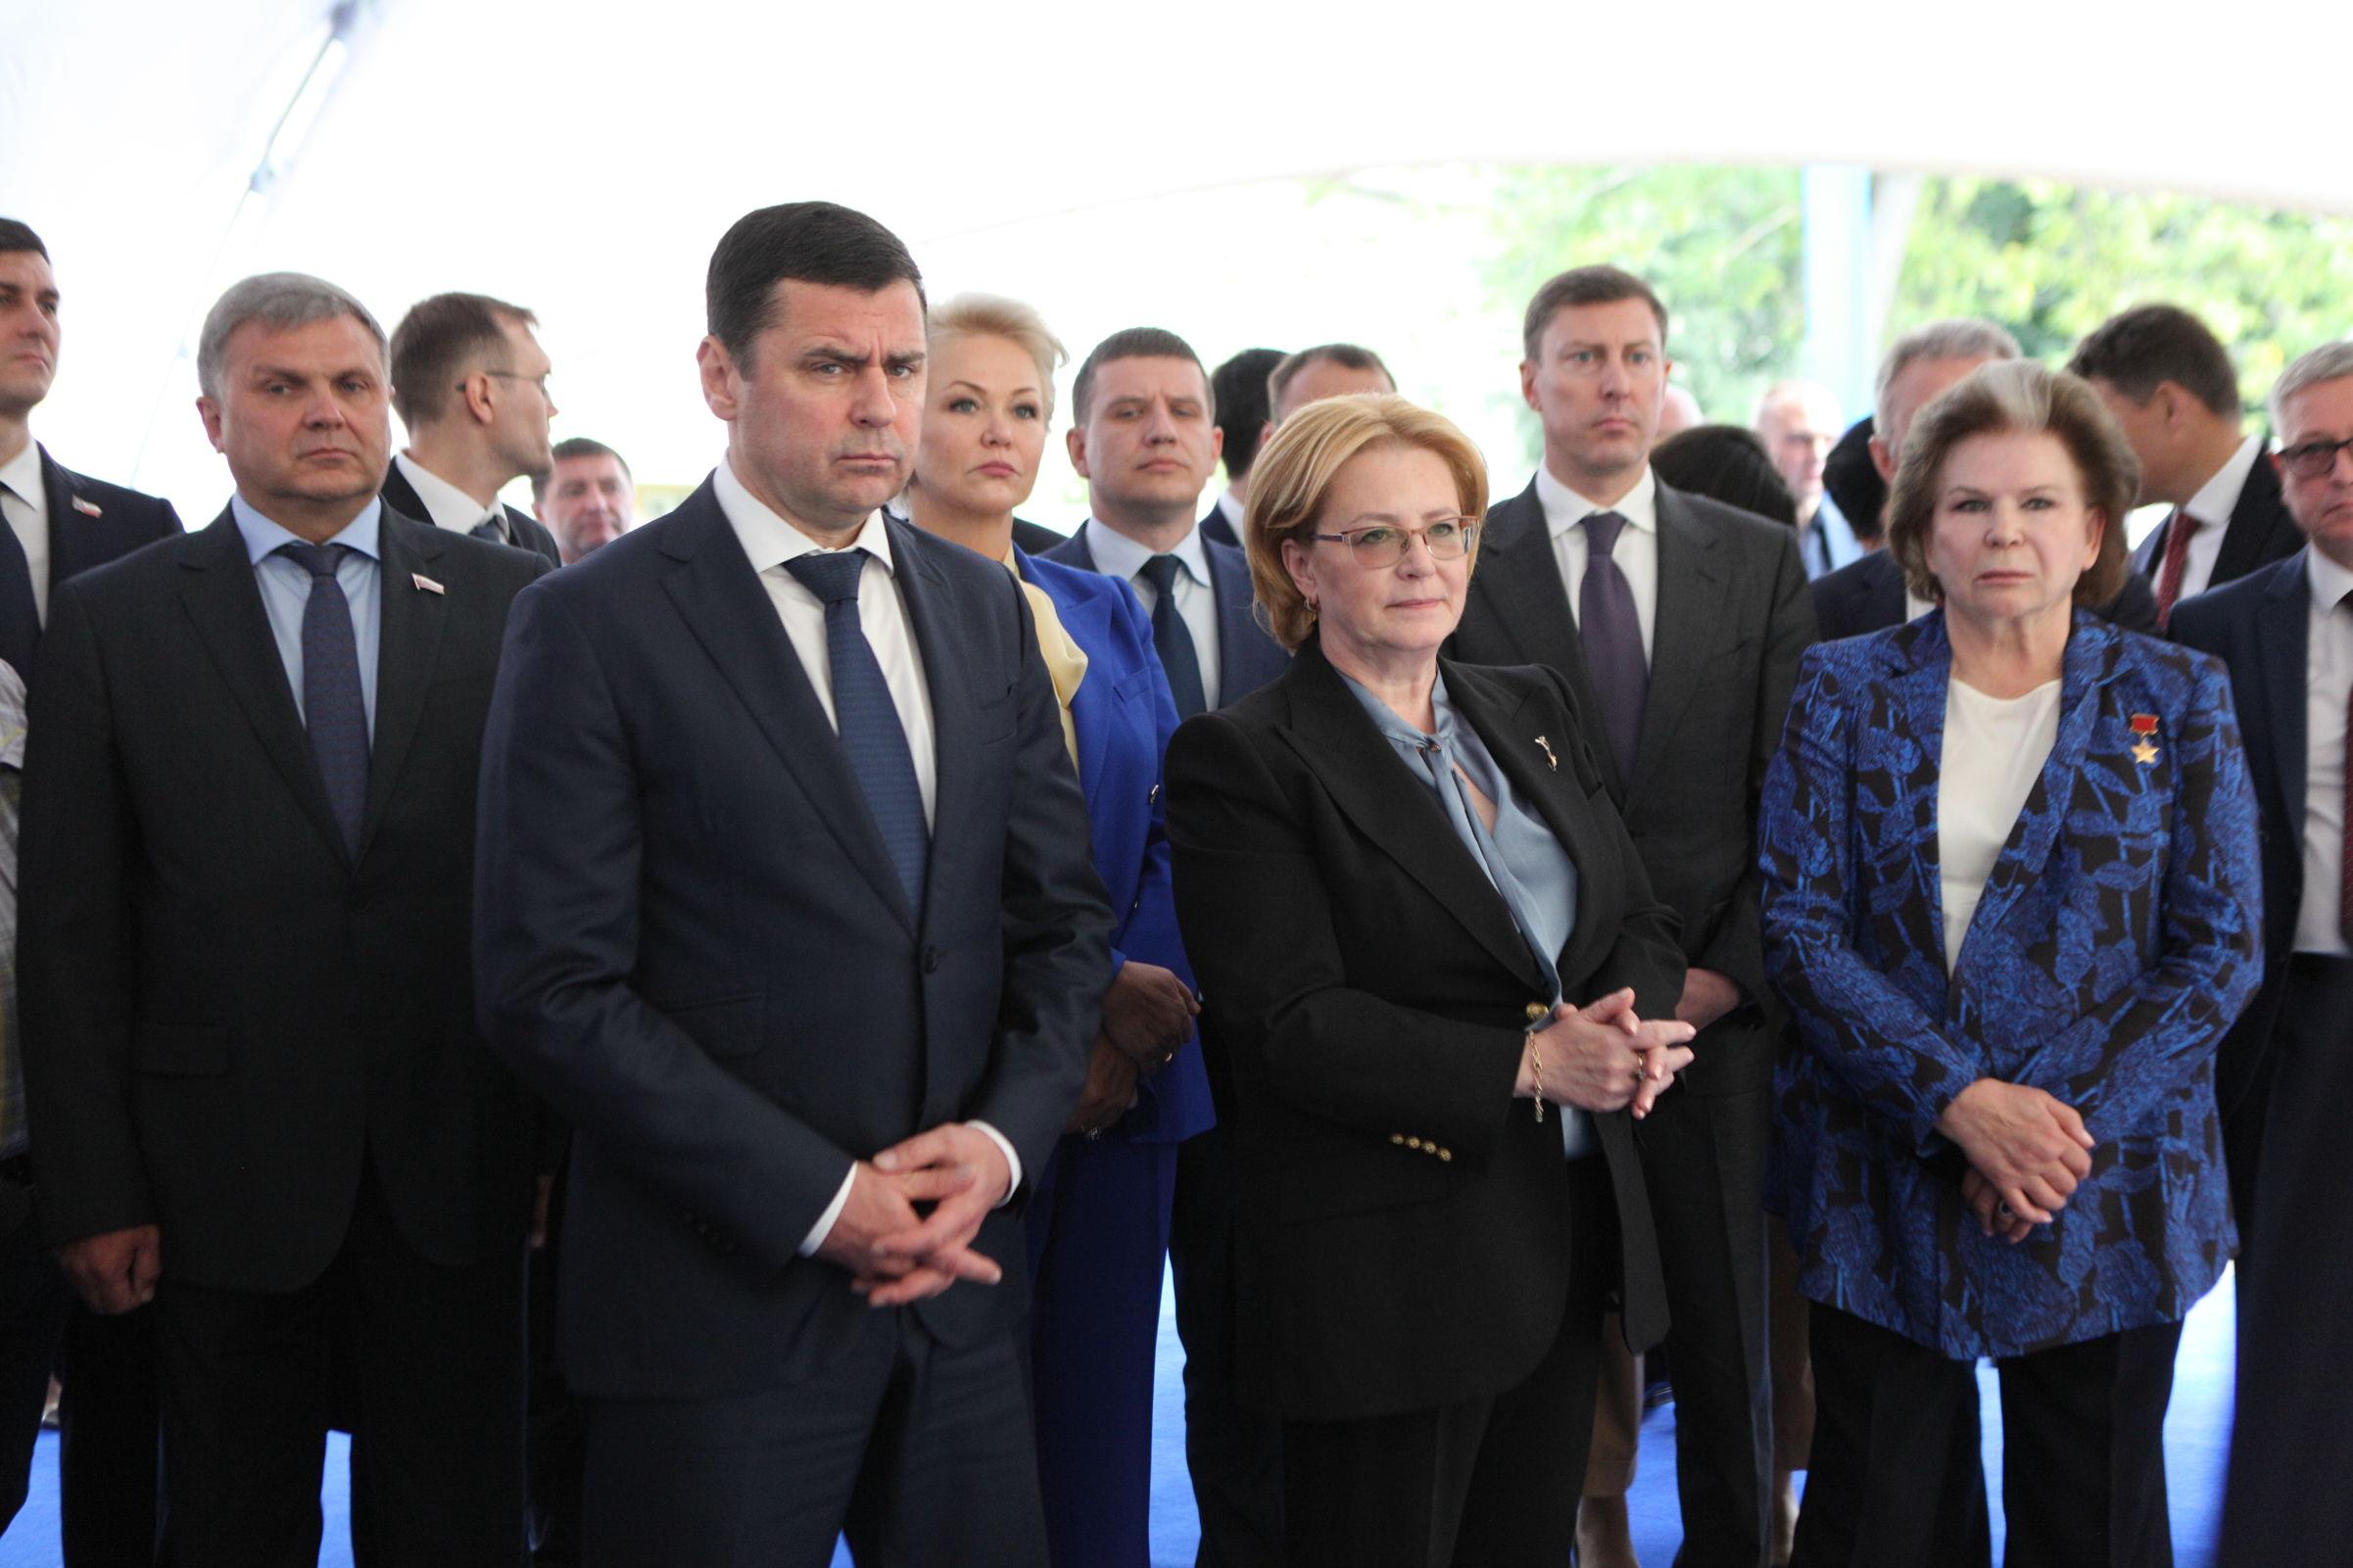 Вероника Скворцова поддержала инициативу Дмитрия Миронова о строительстве нового корпуса областной детской клинической больницы